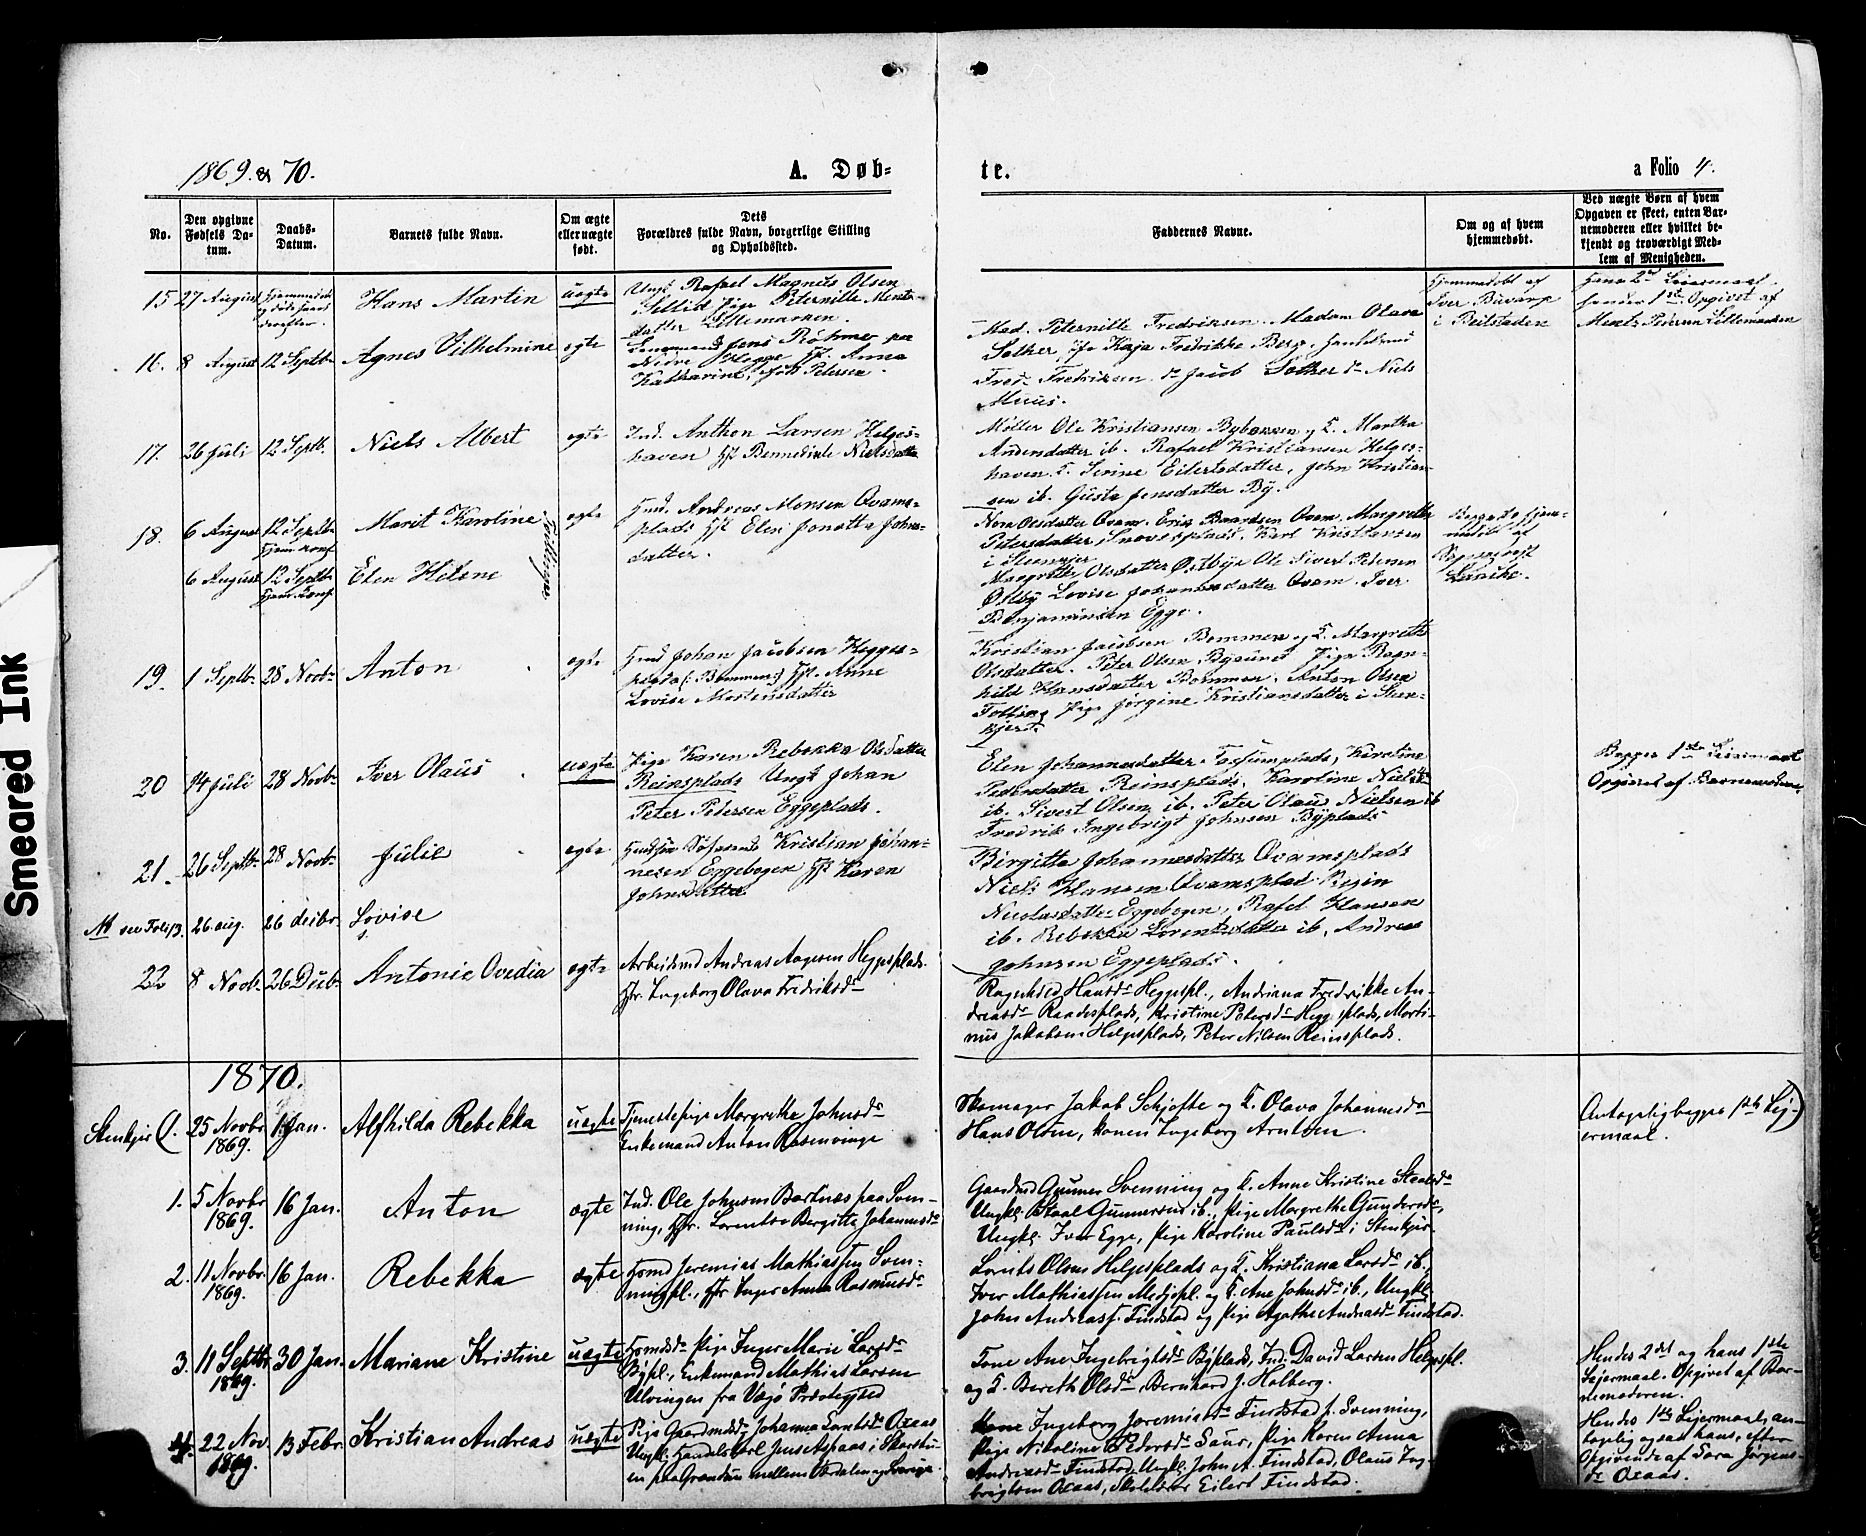 SAT, Ministerialprotokoller, klokkerbøker og fødselsregistre - Nord-Trøndelag, 740/L0380: Klokkerbok nr. 740C01, 1868-1902, s. 4